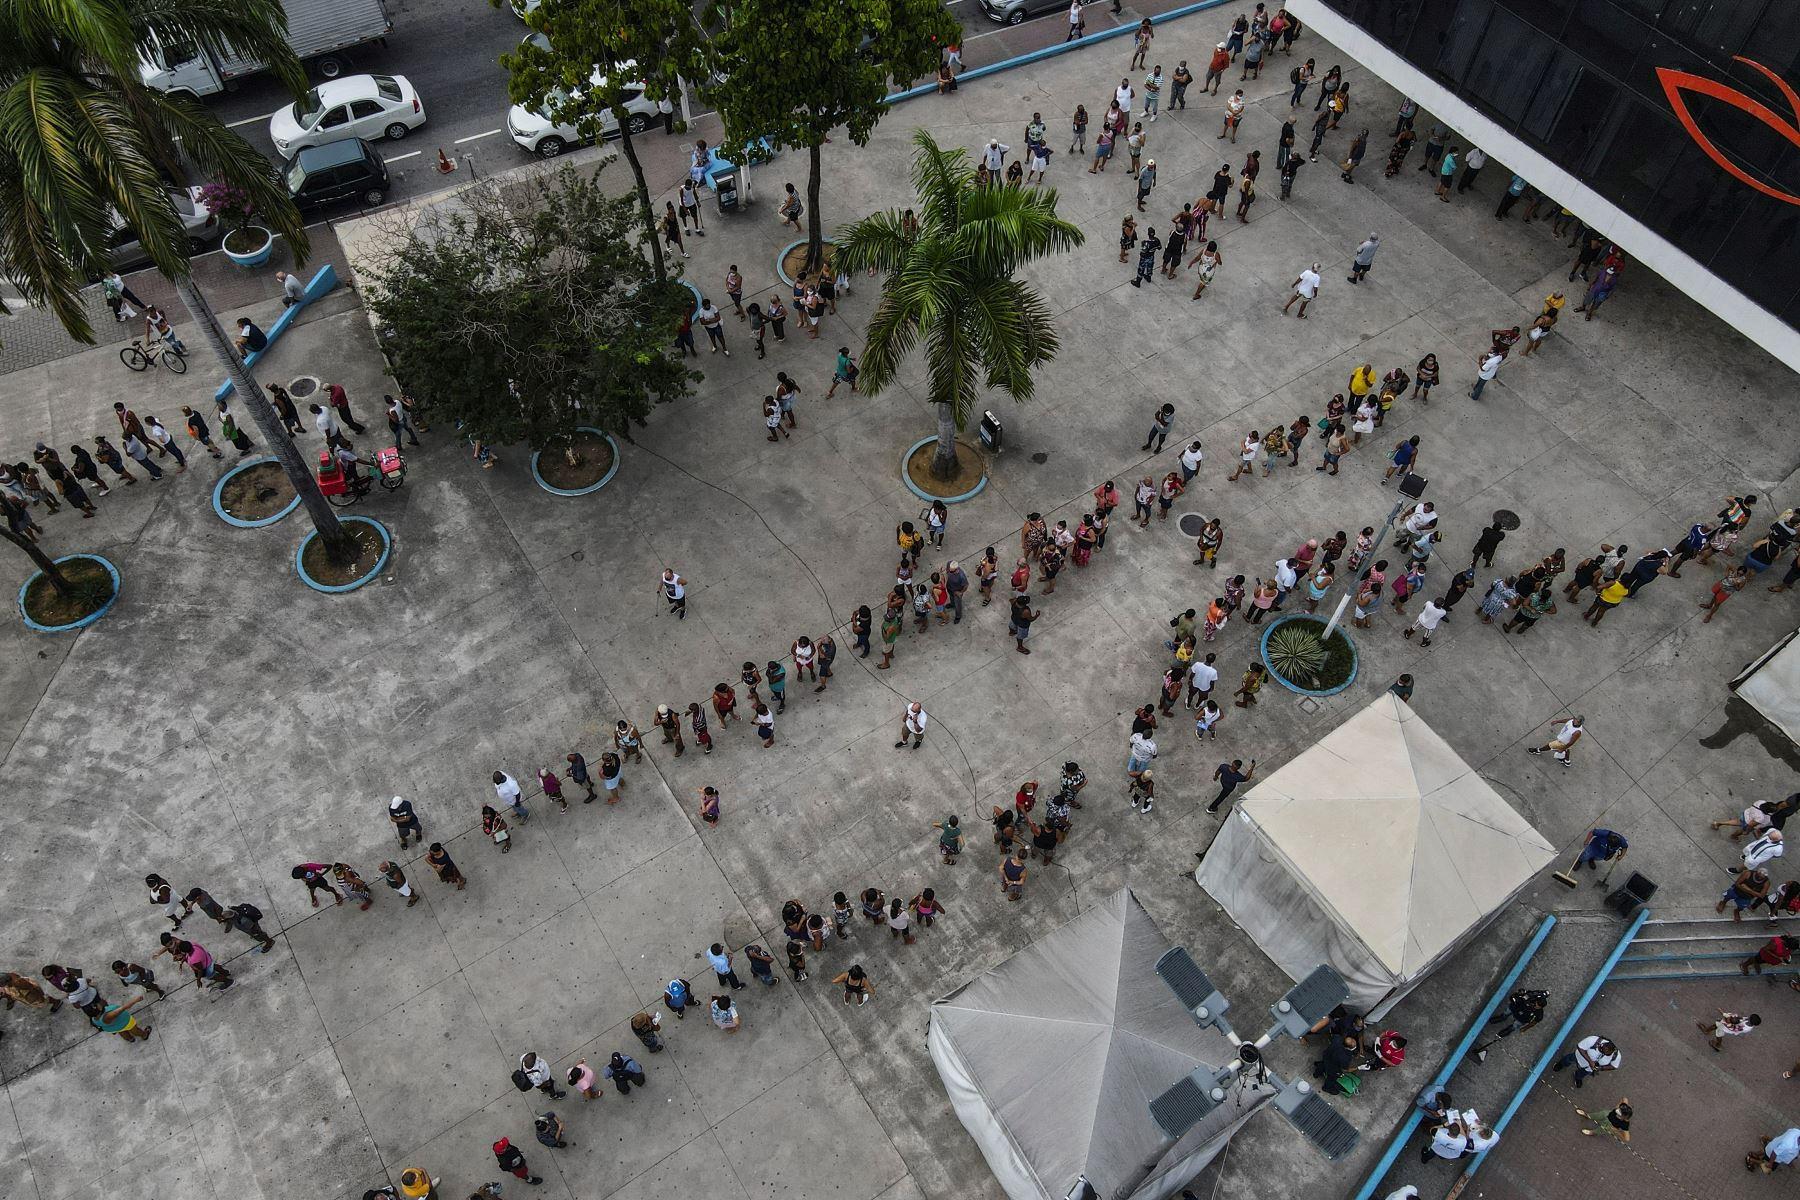 Fotografía con dron muestra a decenas de personas mientras hacen fila para recibir la vacuna contra la Covid-19 hoy, en la ciudad de Duque de Caxias, Brasil, el 29 de marzo del 2021. Foto: EFE